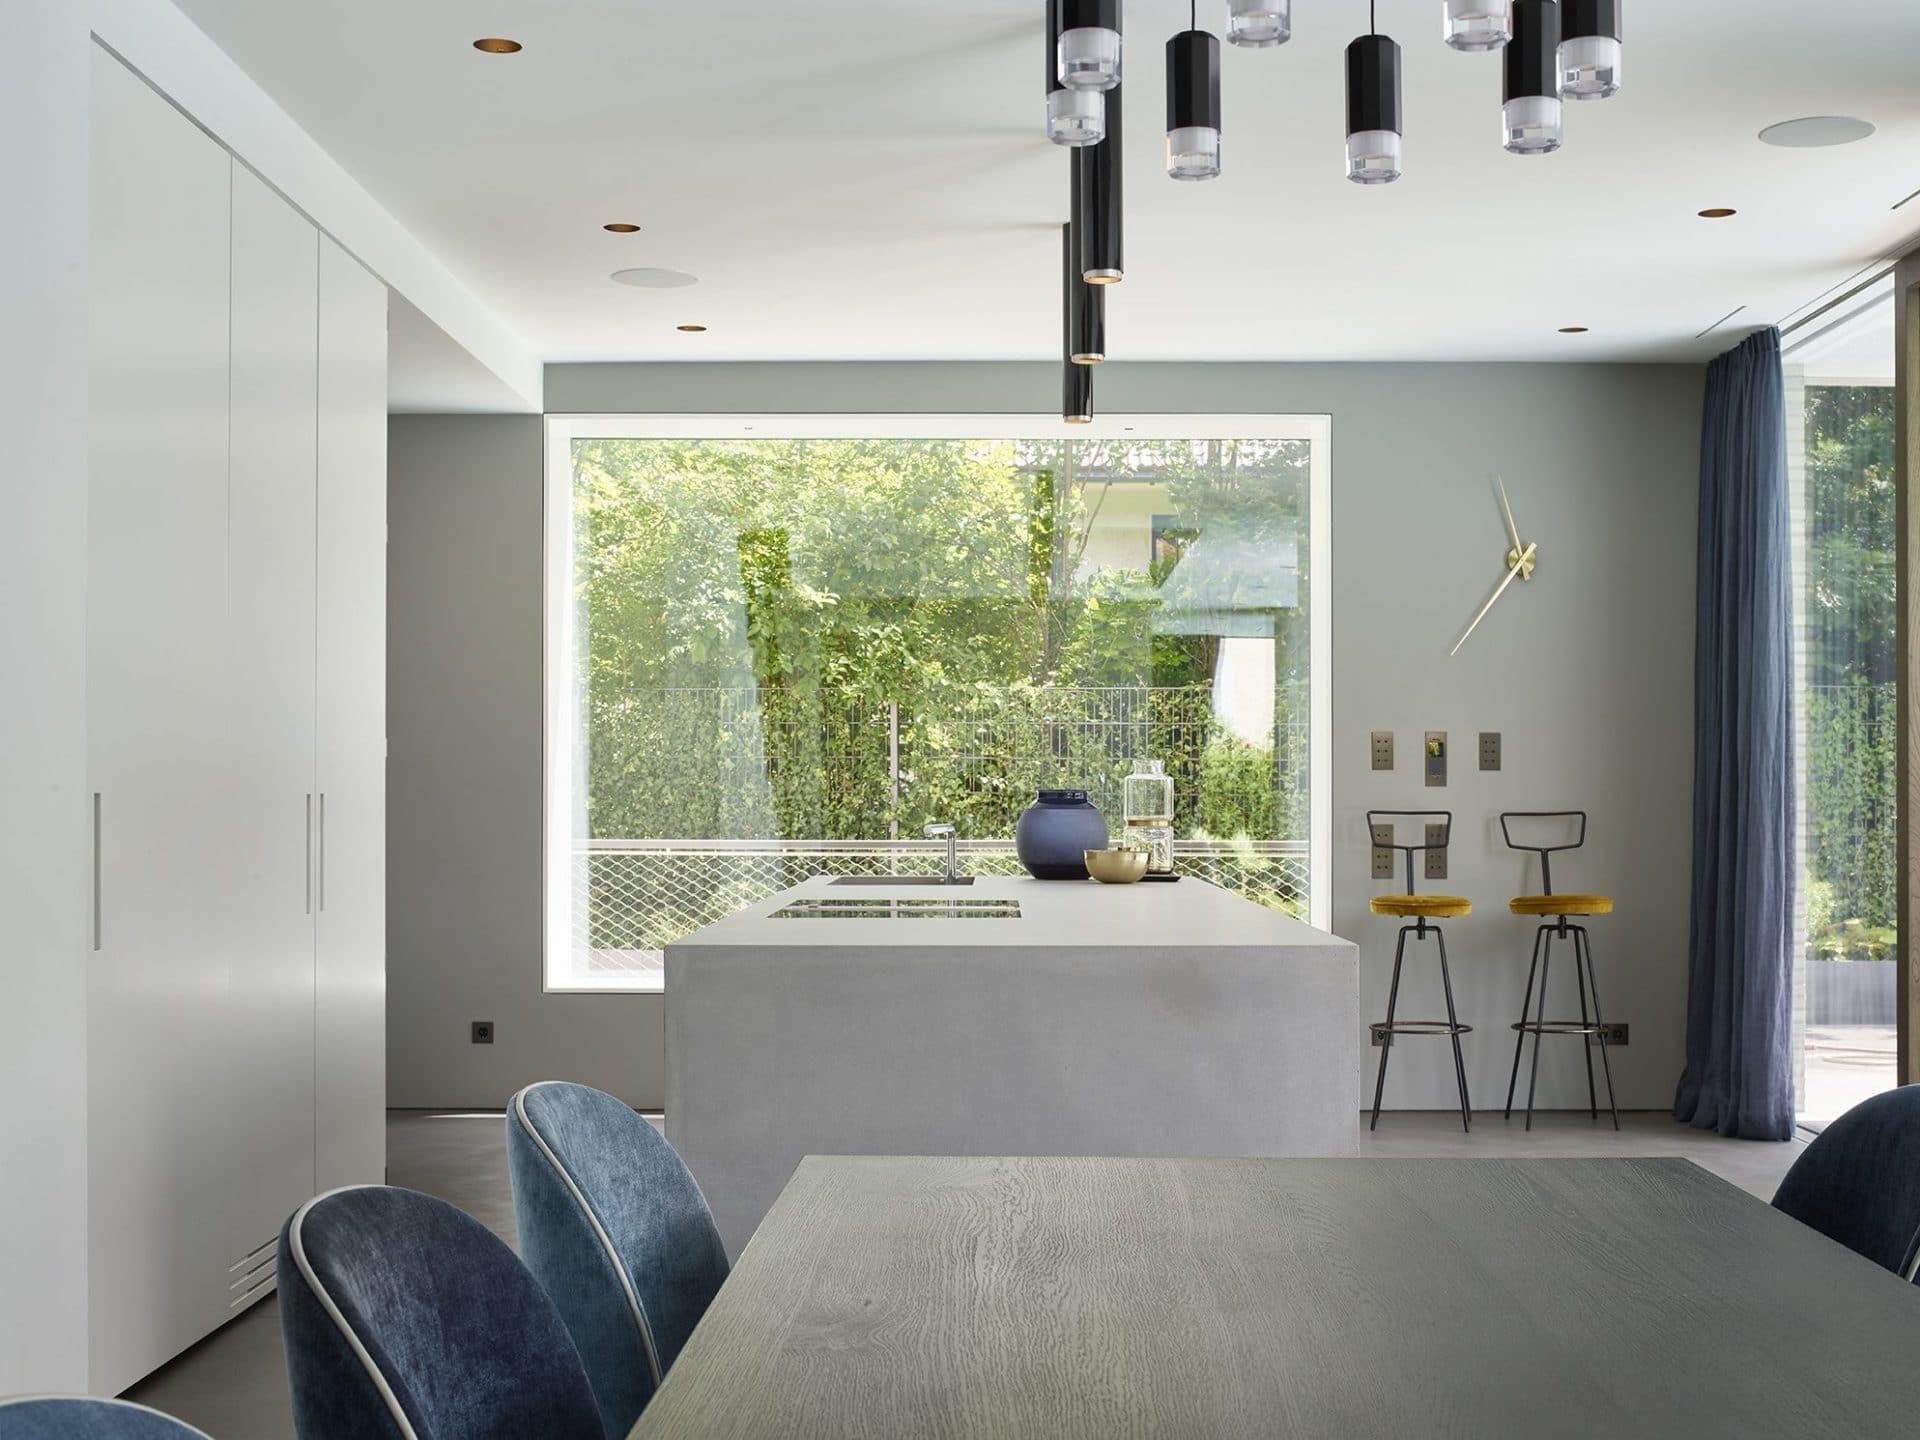 Küchendesign von VOIT aus geräucherter Eiche, Beton und Edelstahl - Kochinsel aus Beton, im Hintergrund 2 Designerstühle